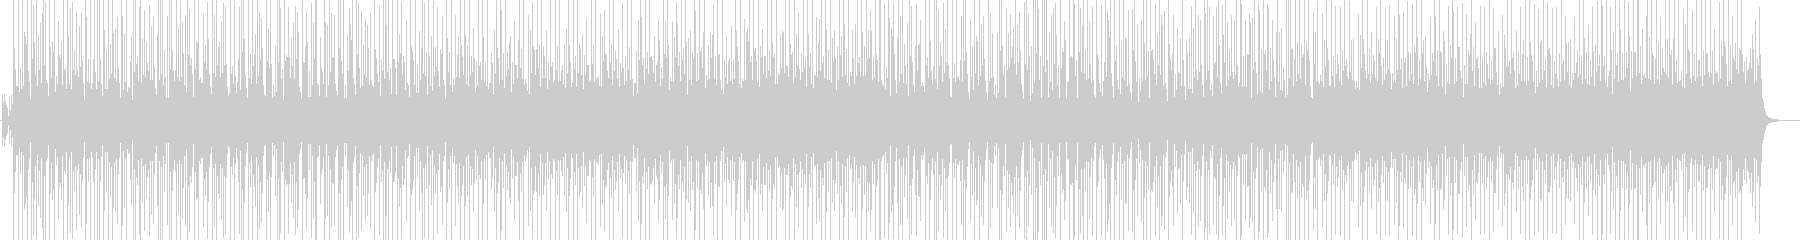 和調 登場 お囃子 転換の未再生の波形